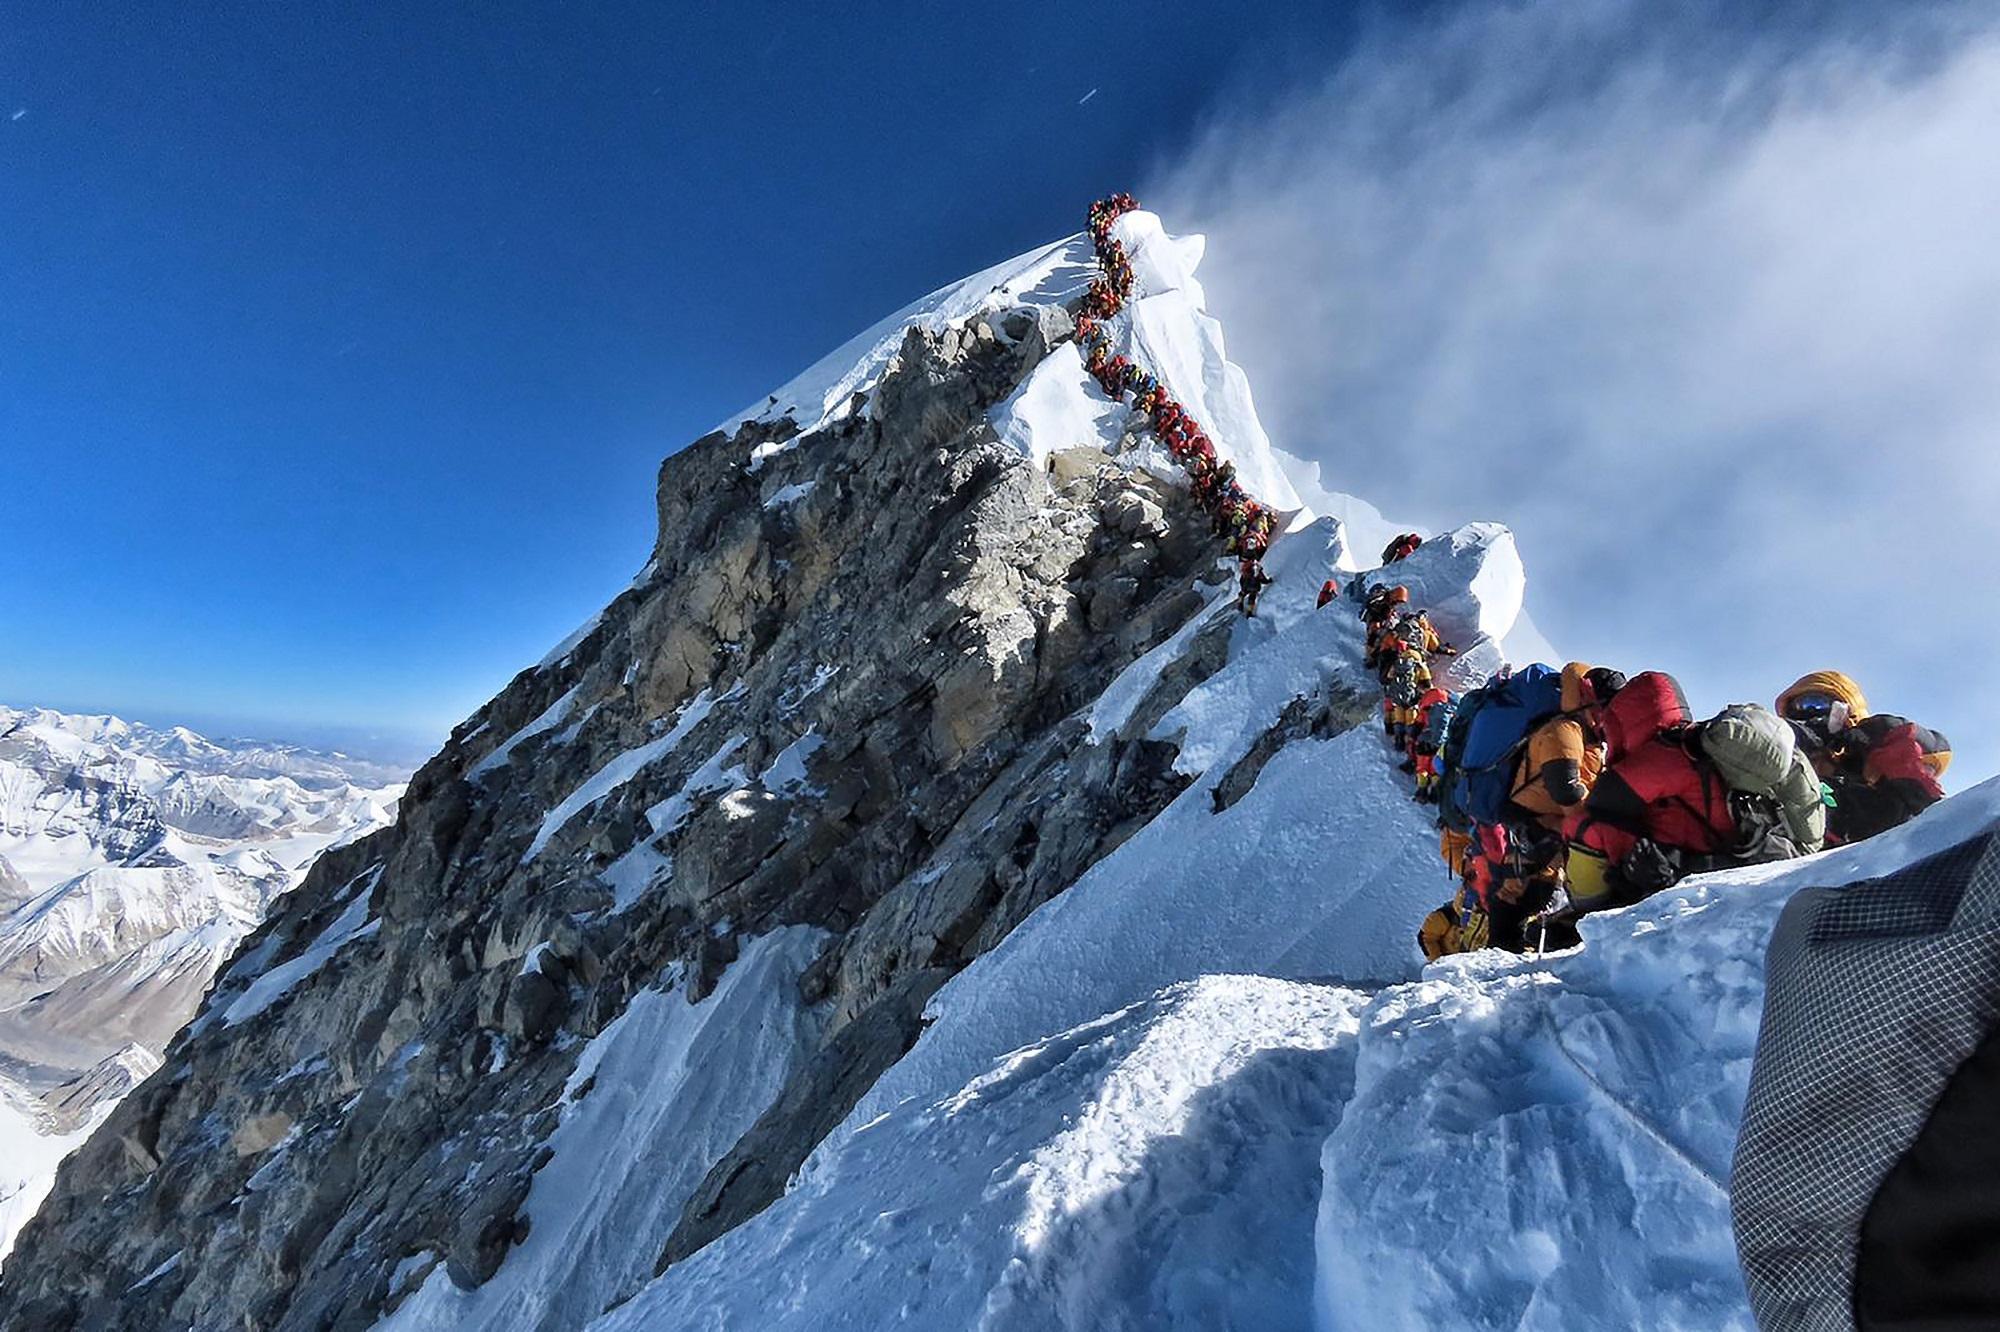 Tutti in cima sull Everest: due ore di coda per salire sul tetto del mondo